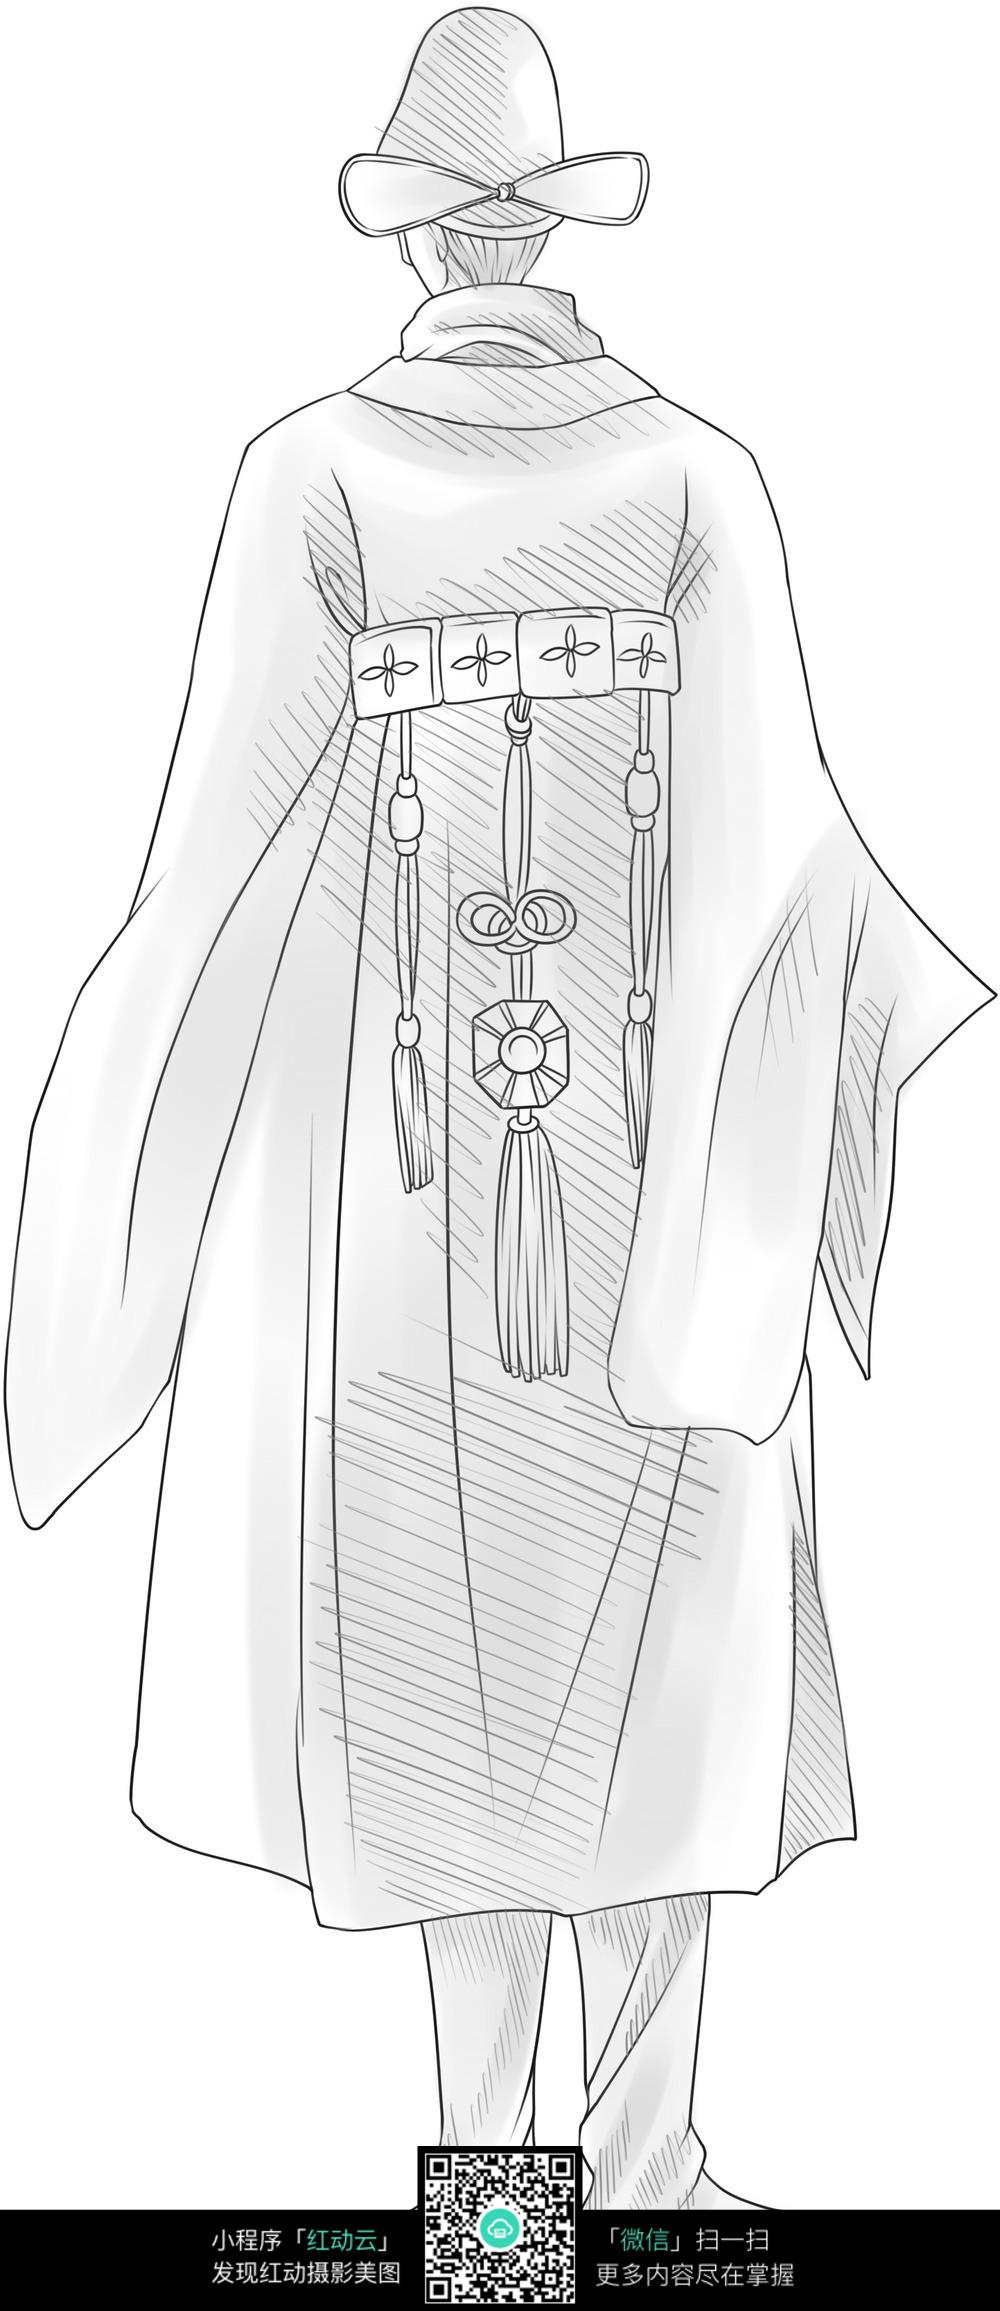 身着古代官服的男子的背影